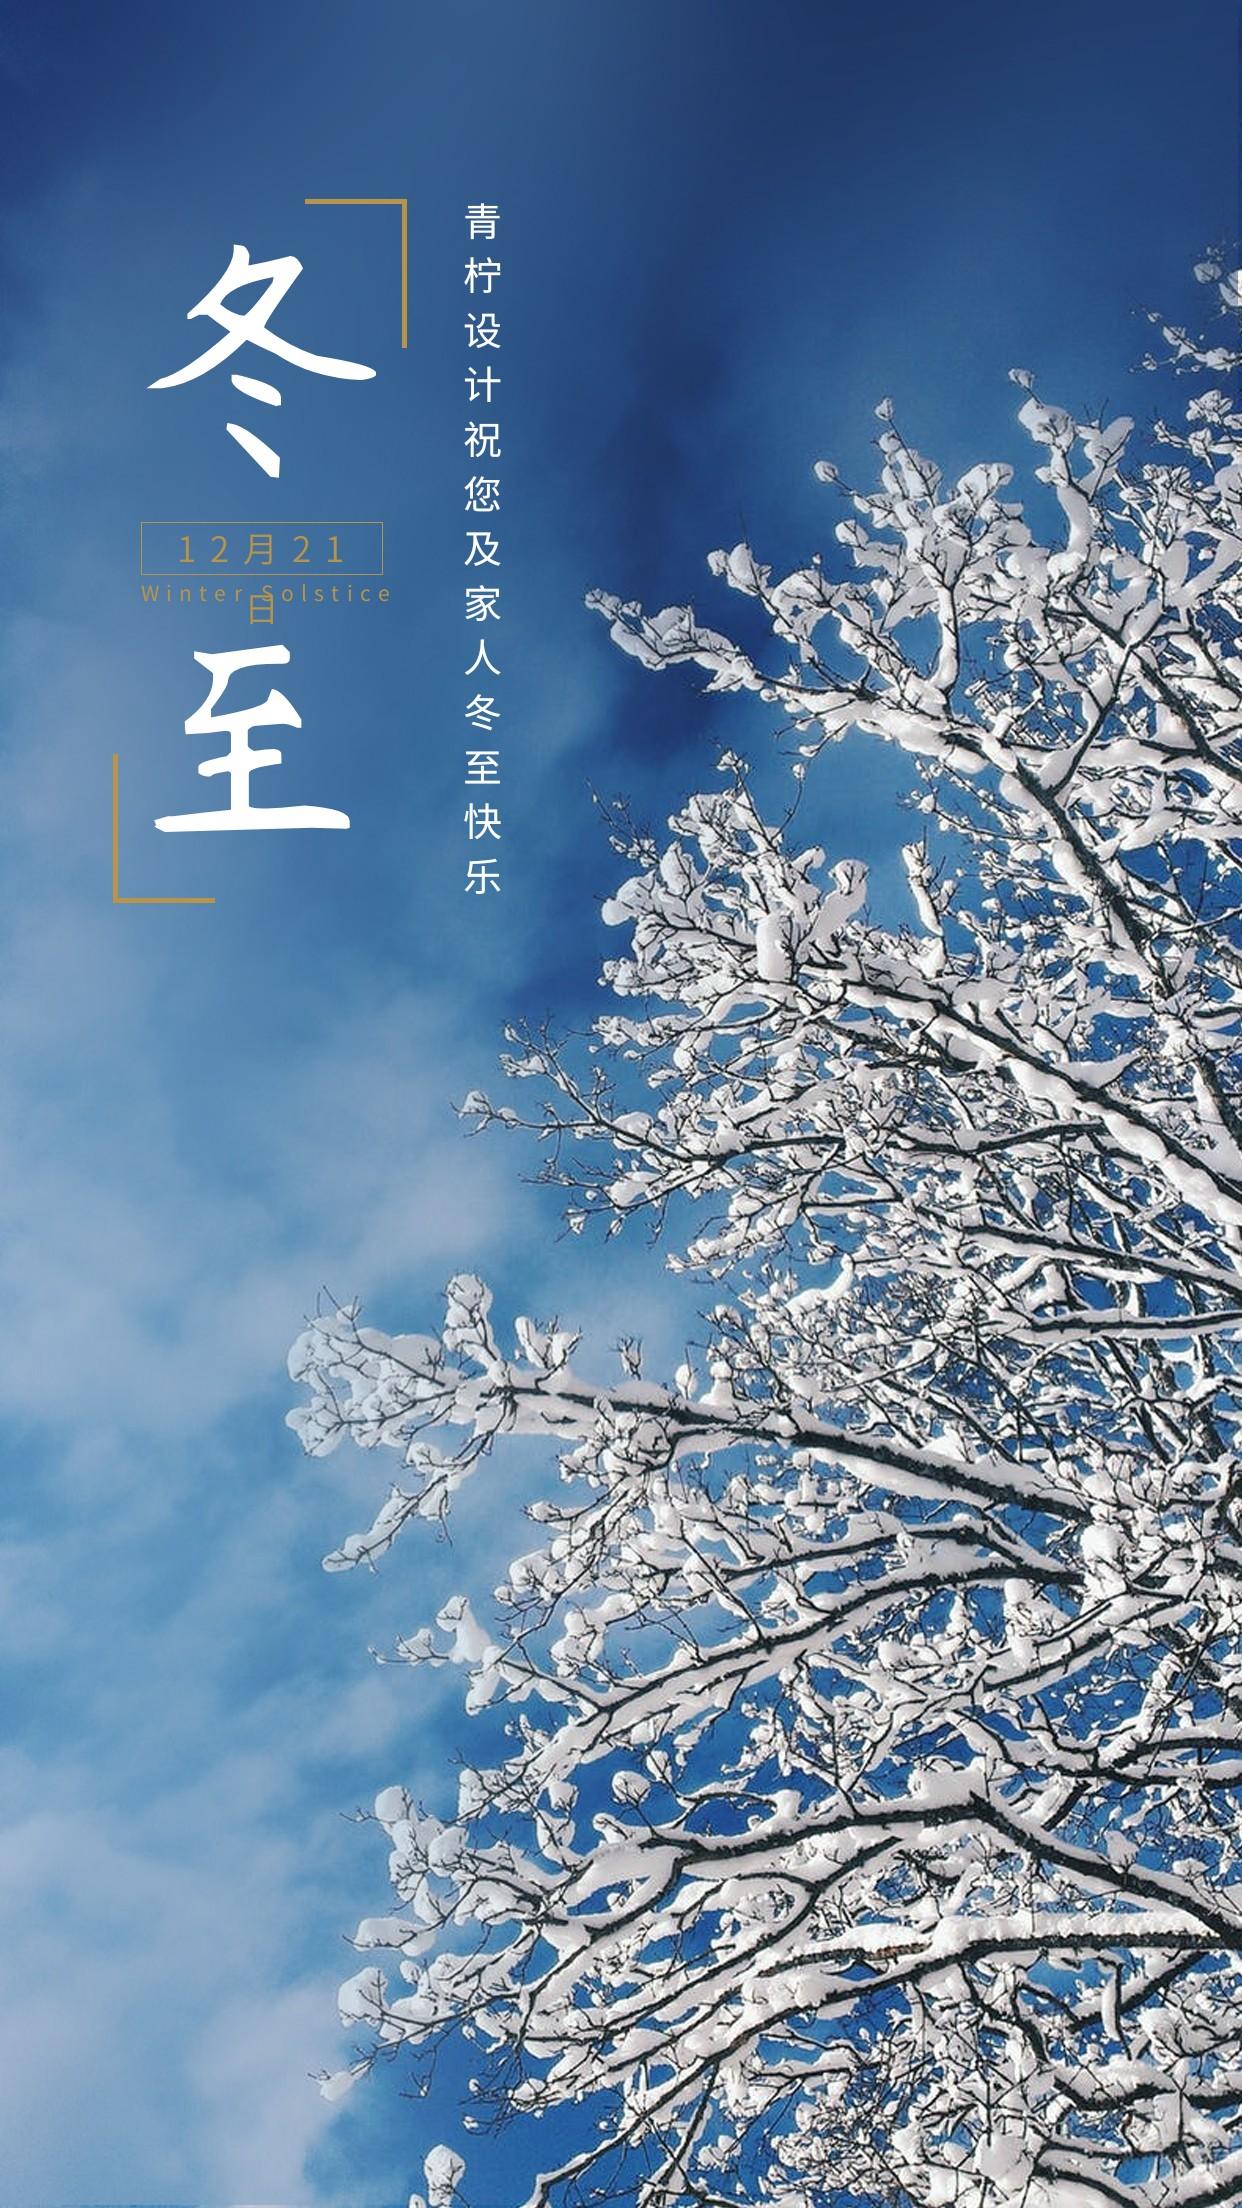 小清新冬至